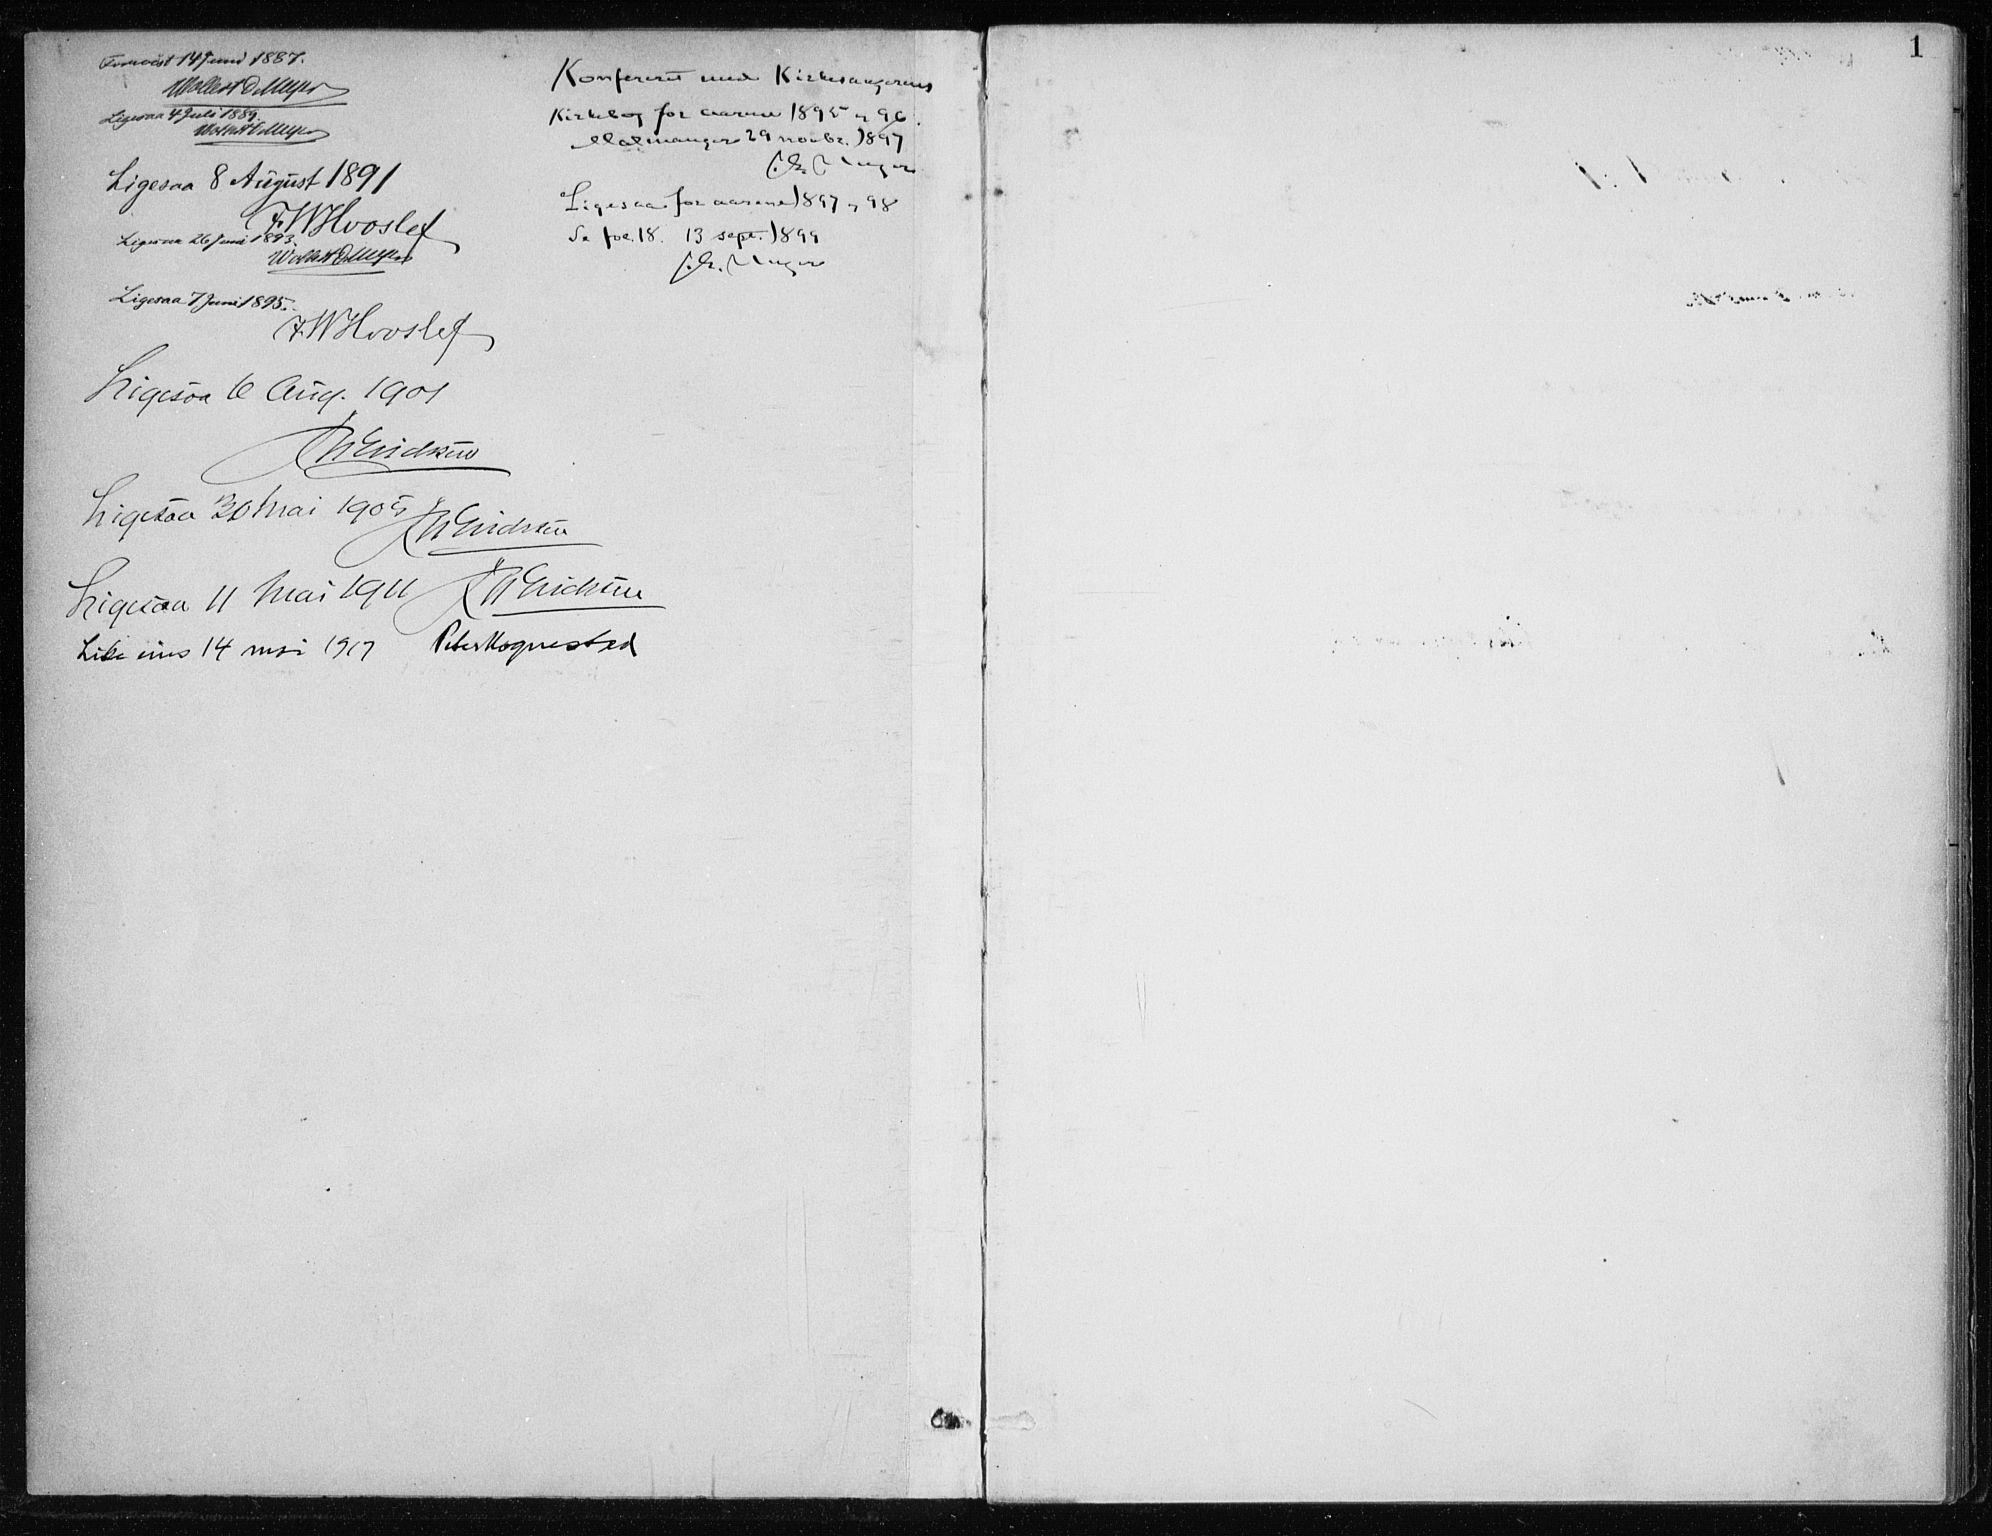 SAB, Kvinnherad Sokneprestembete, H/Haa: Ministerialbok nr. F 1, 1887-1912, s. 1